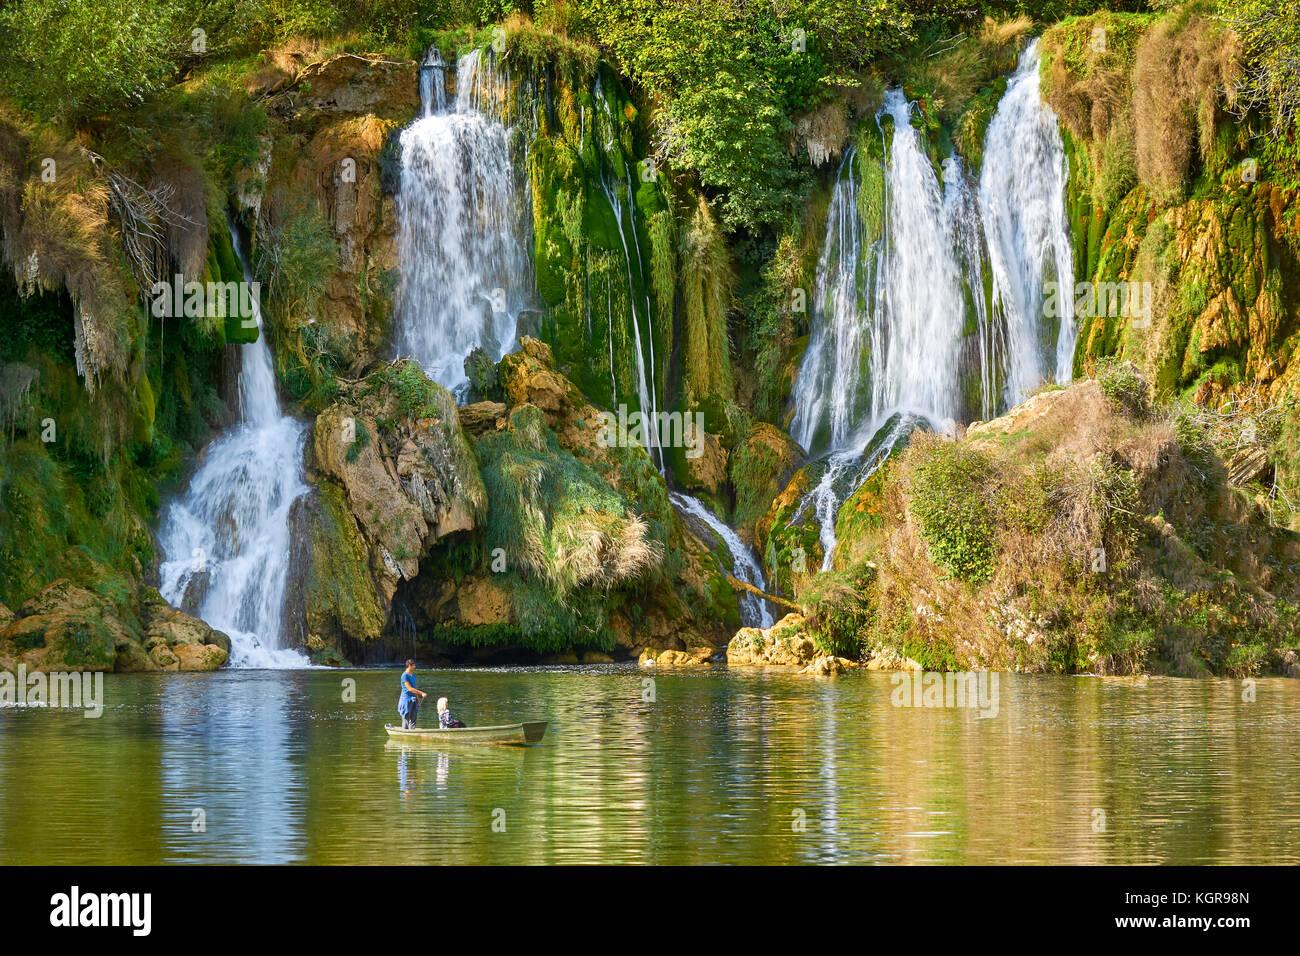 Los turistas en el barco, Cascadas de Kravica, Bosnia y Hercegovina Imagen De Stock